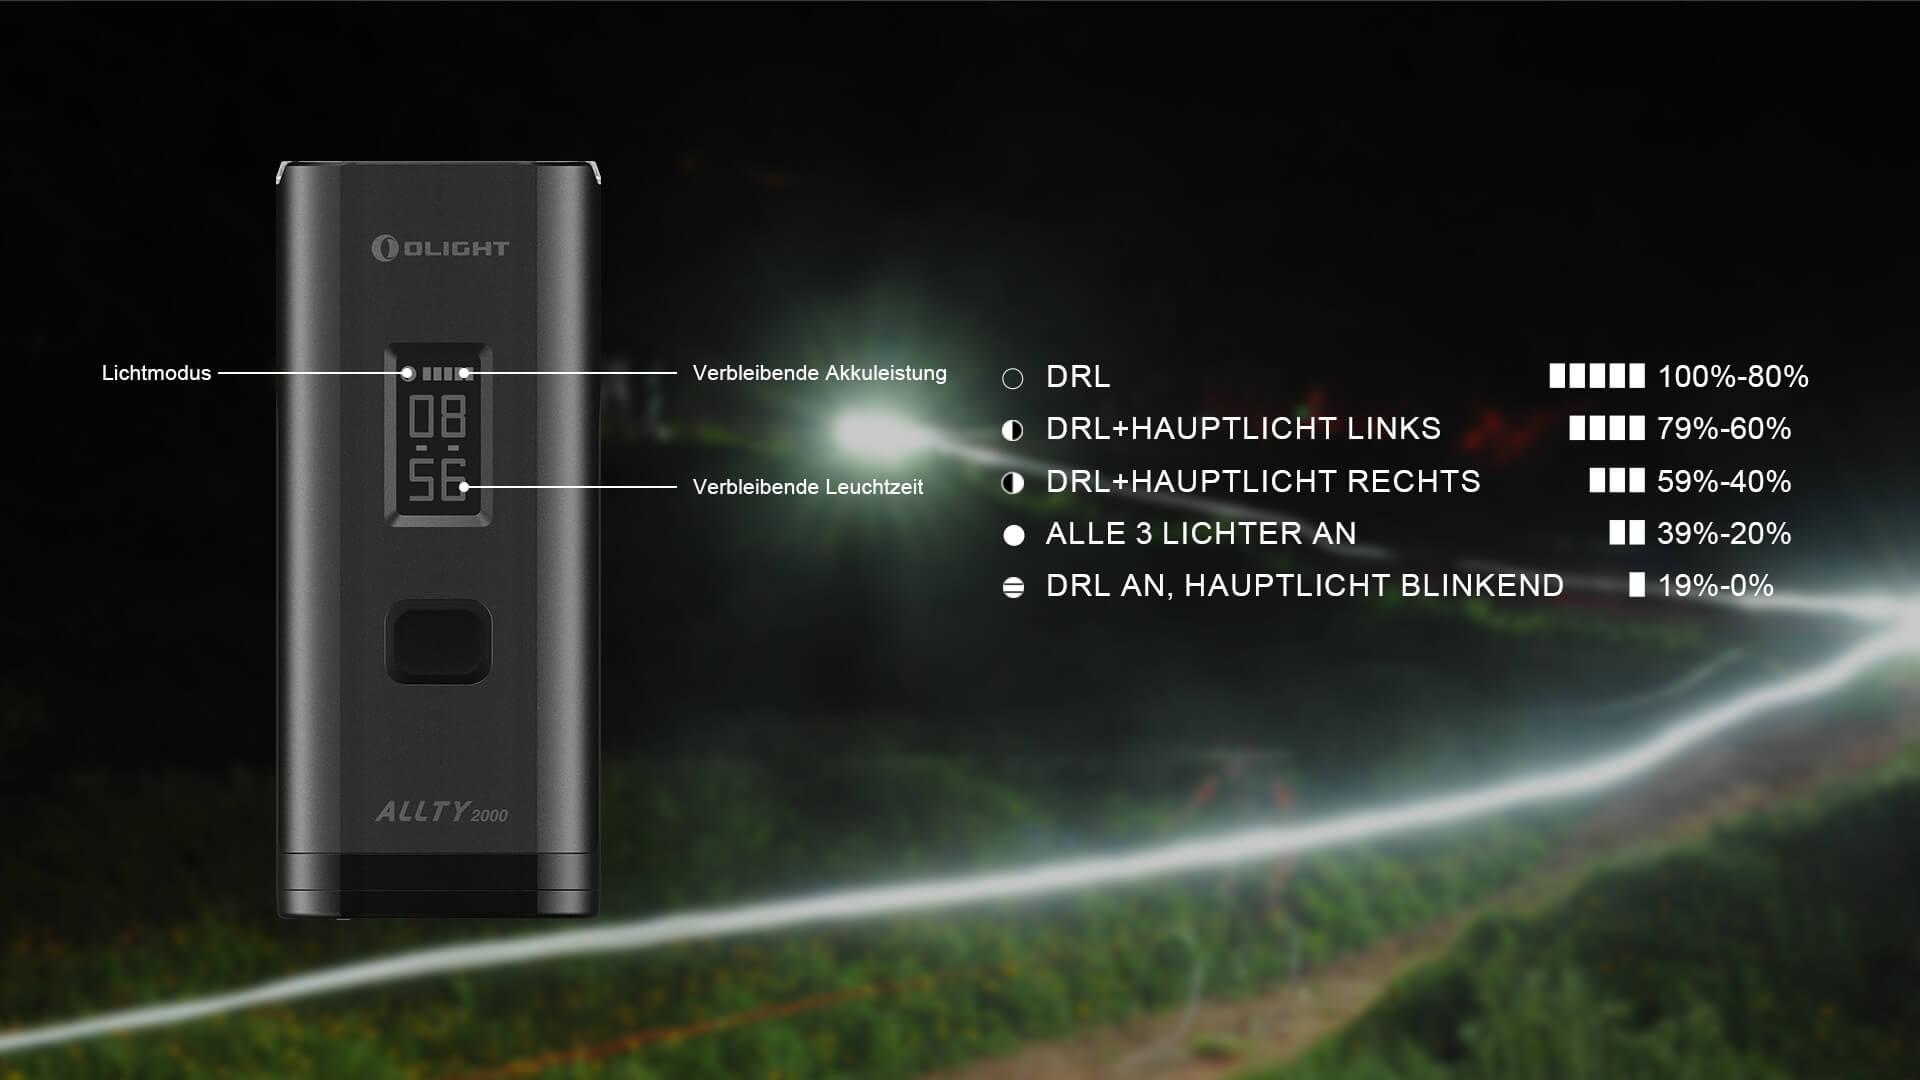 Allty 2000 mit OLED-Bildschirm